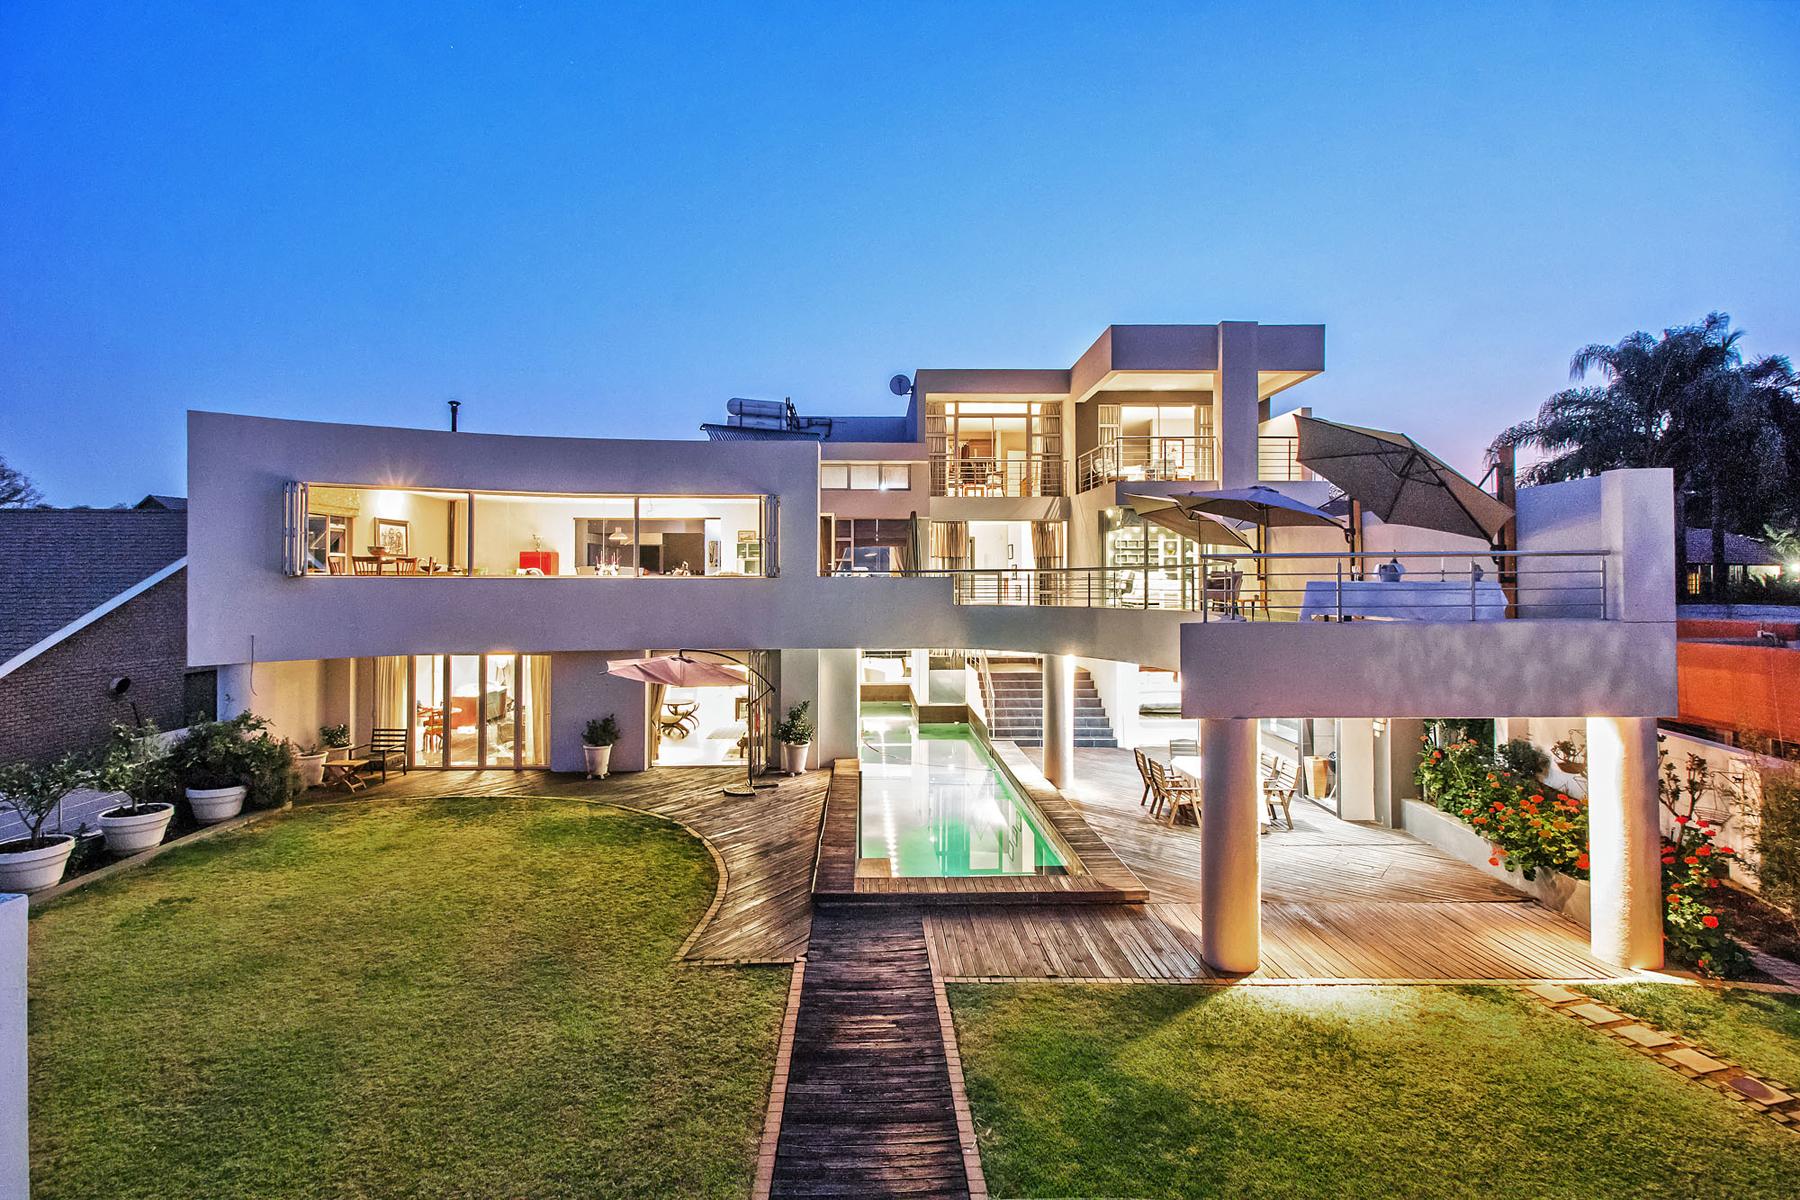 Imóvel para venda Pretoria